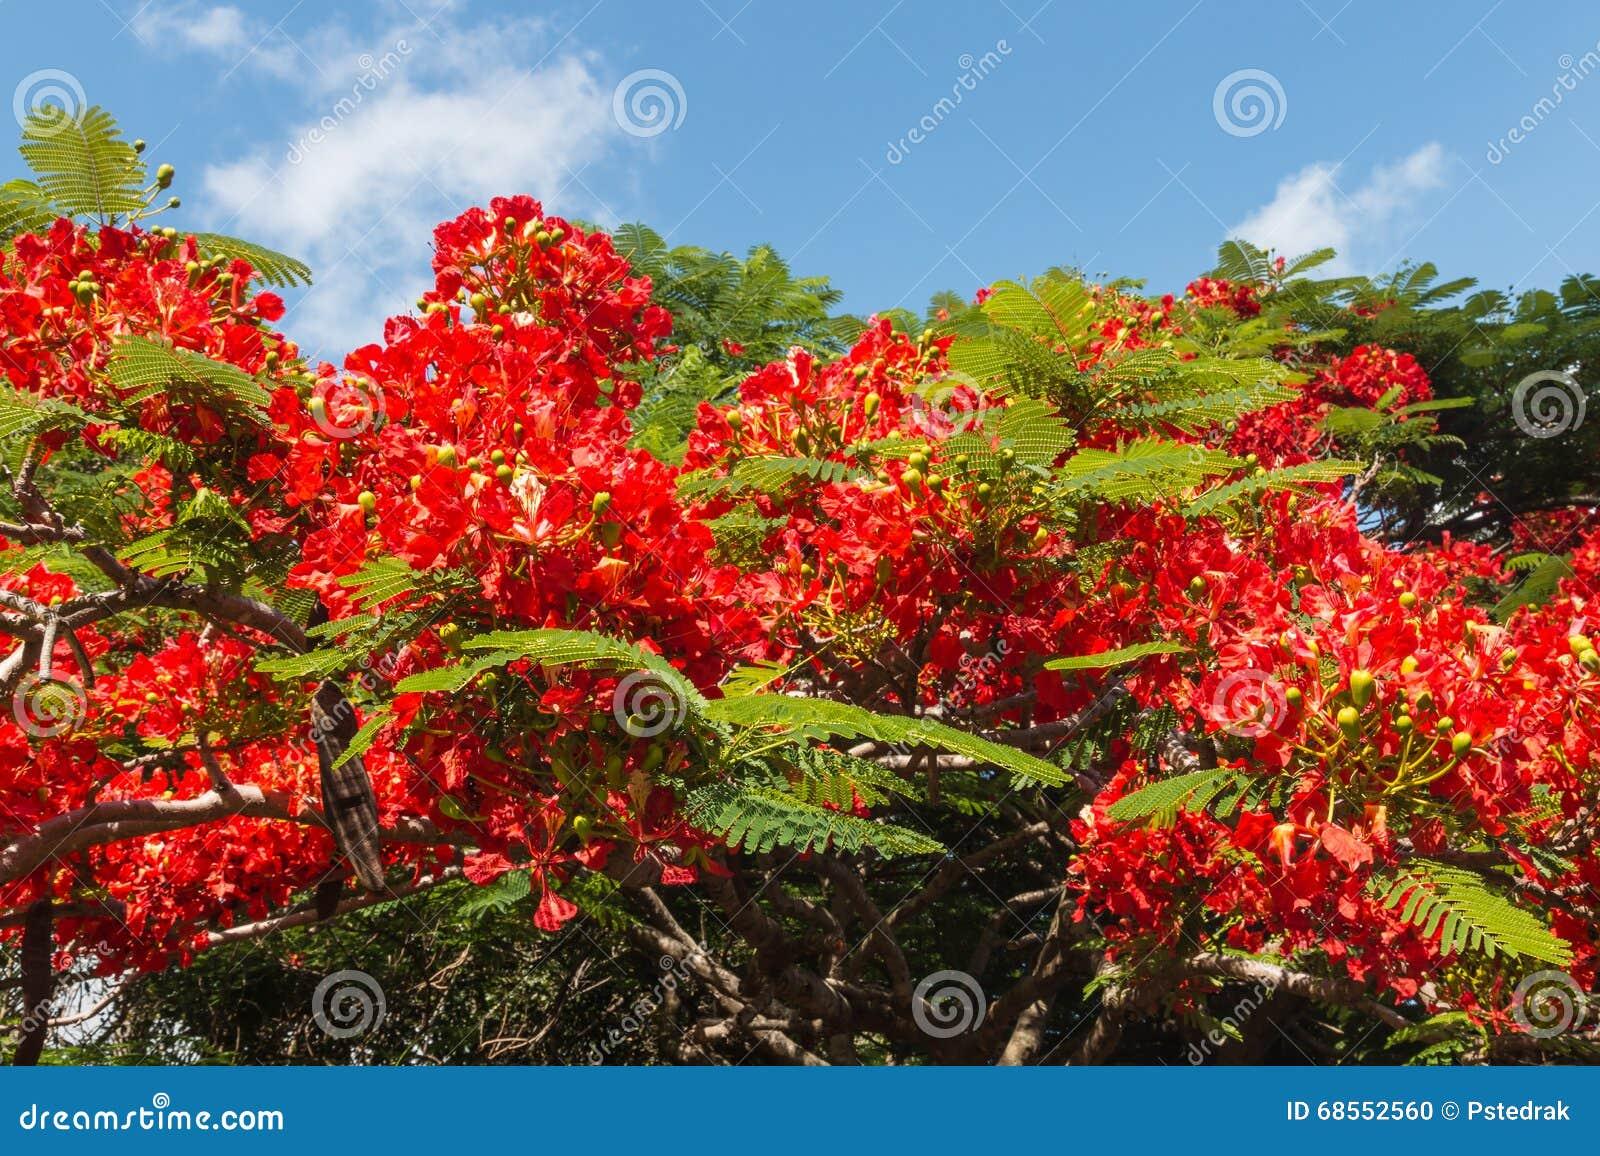 Fleurs de rouge d 39 arbre d 39 acacia photo stock image du rouge fleur 68552560 - Arbres a fleurs rouges ...